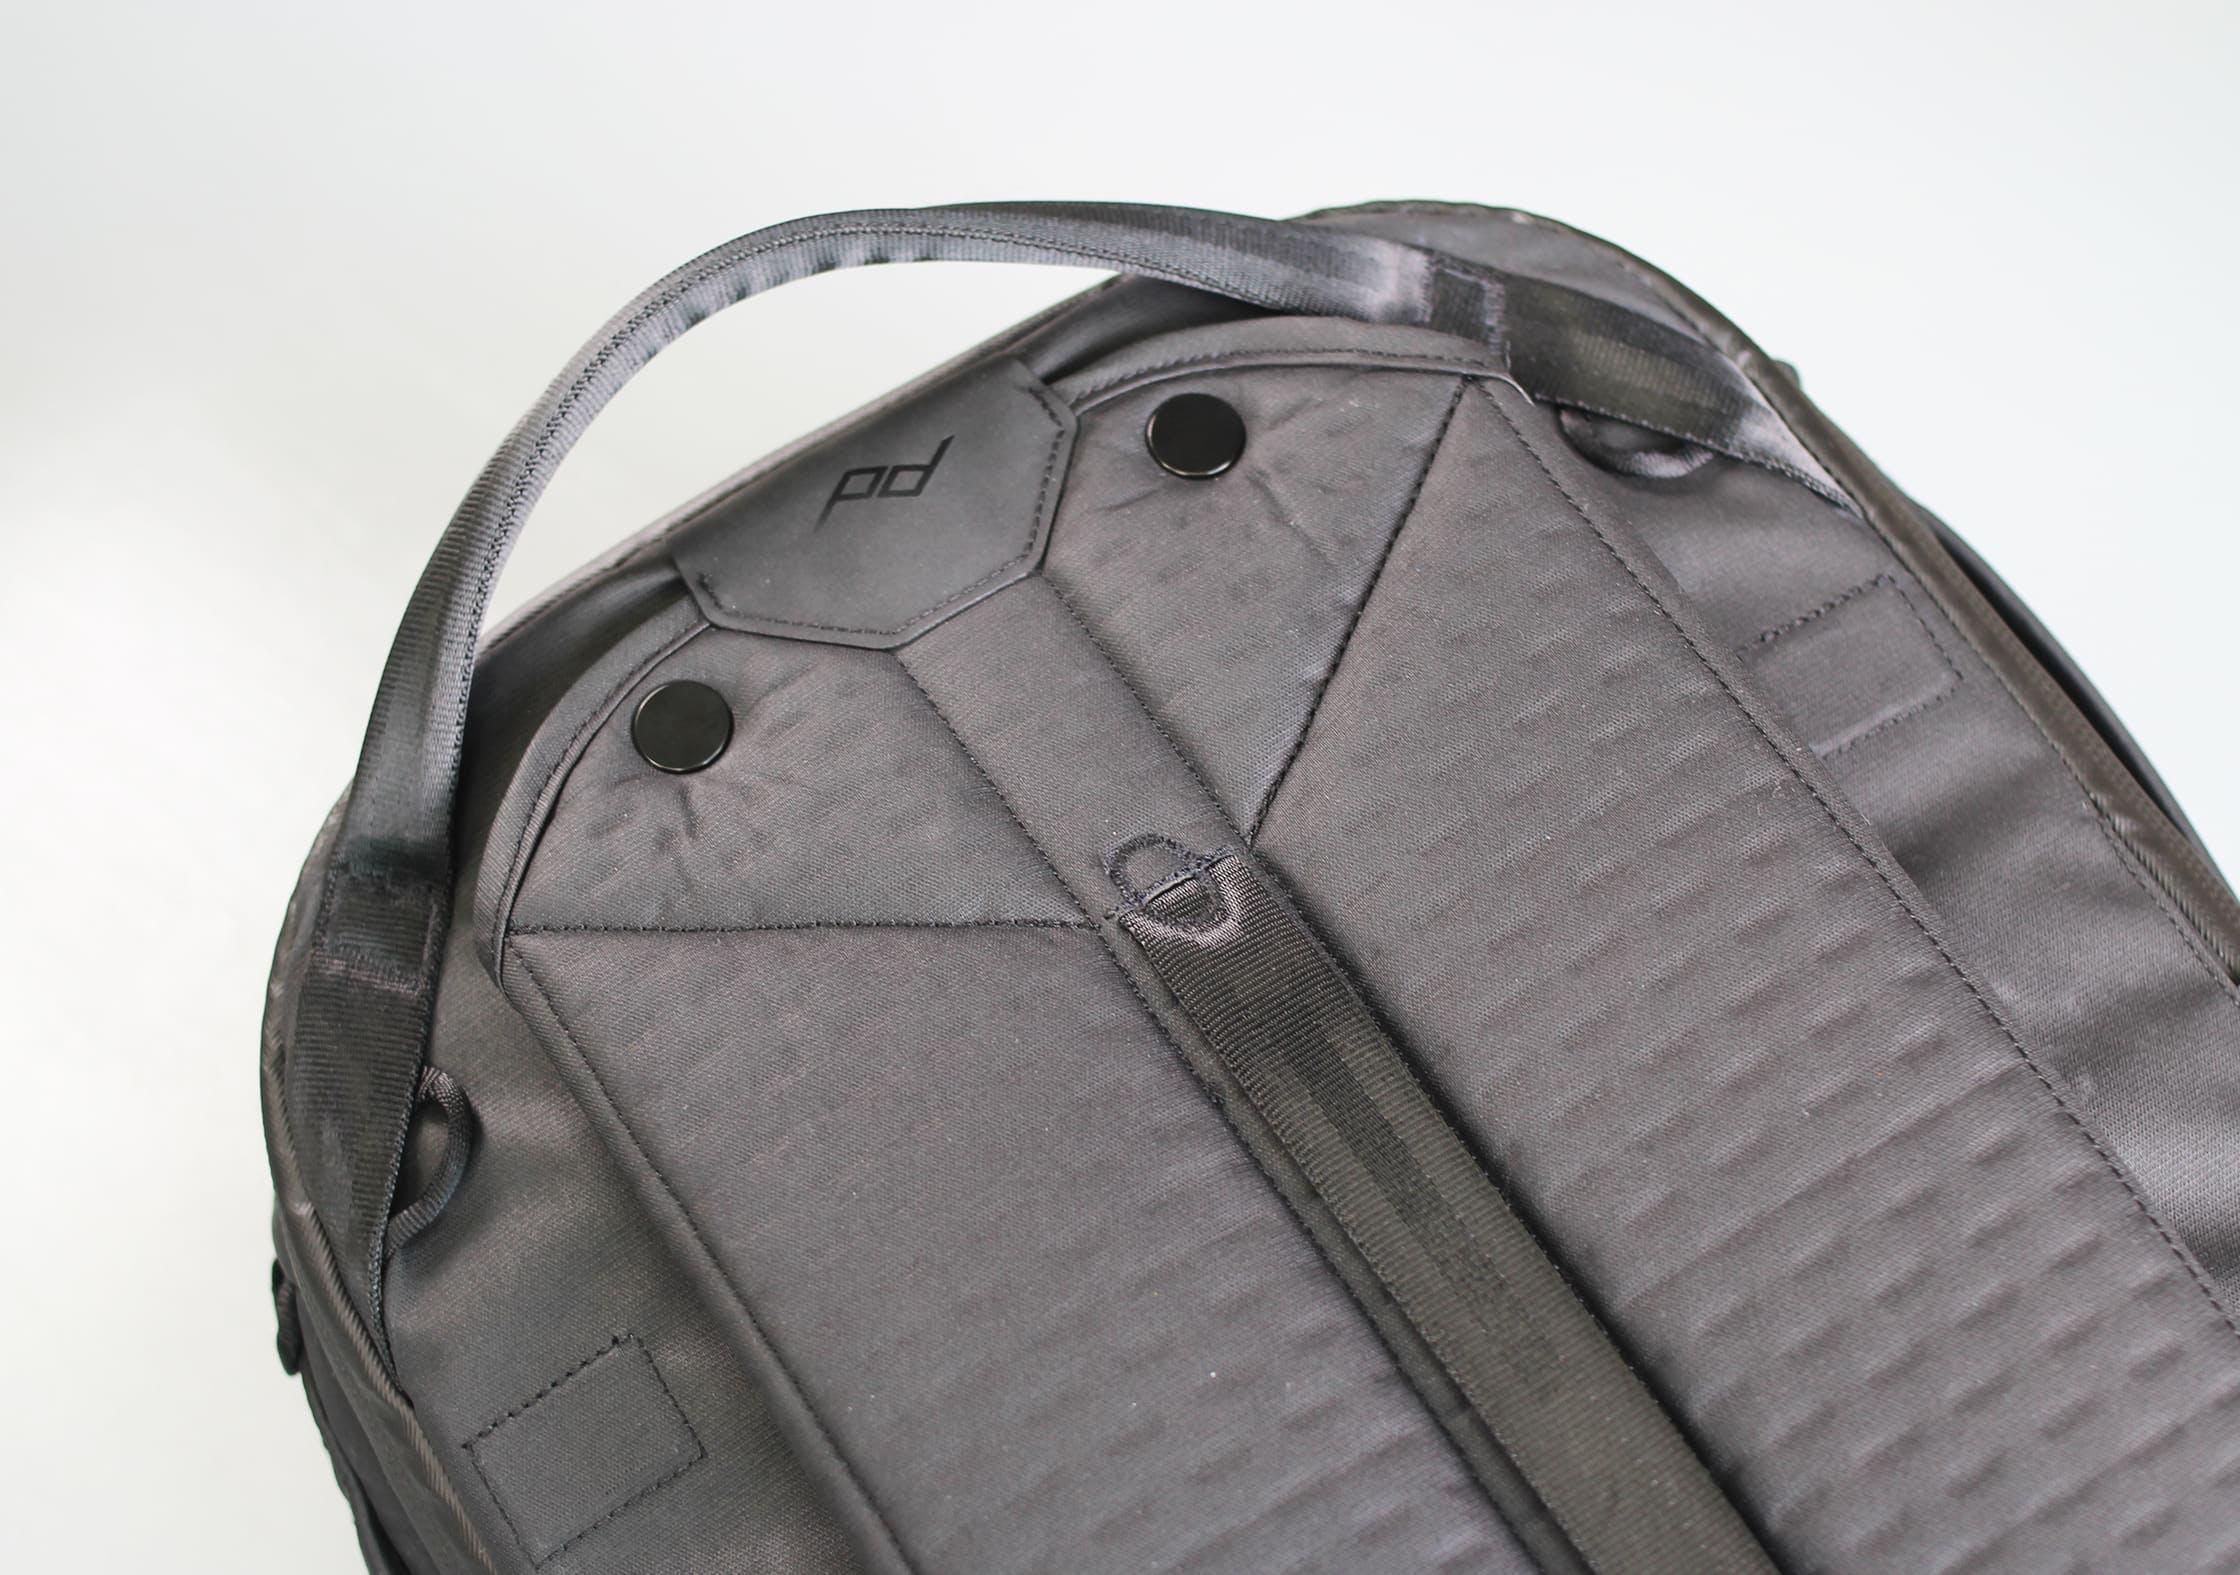 Peak Design Travel Backpack Harness System